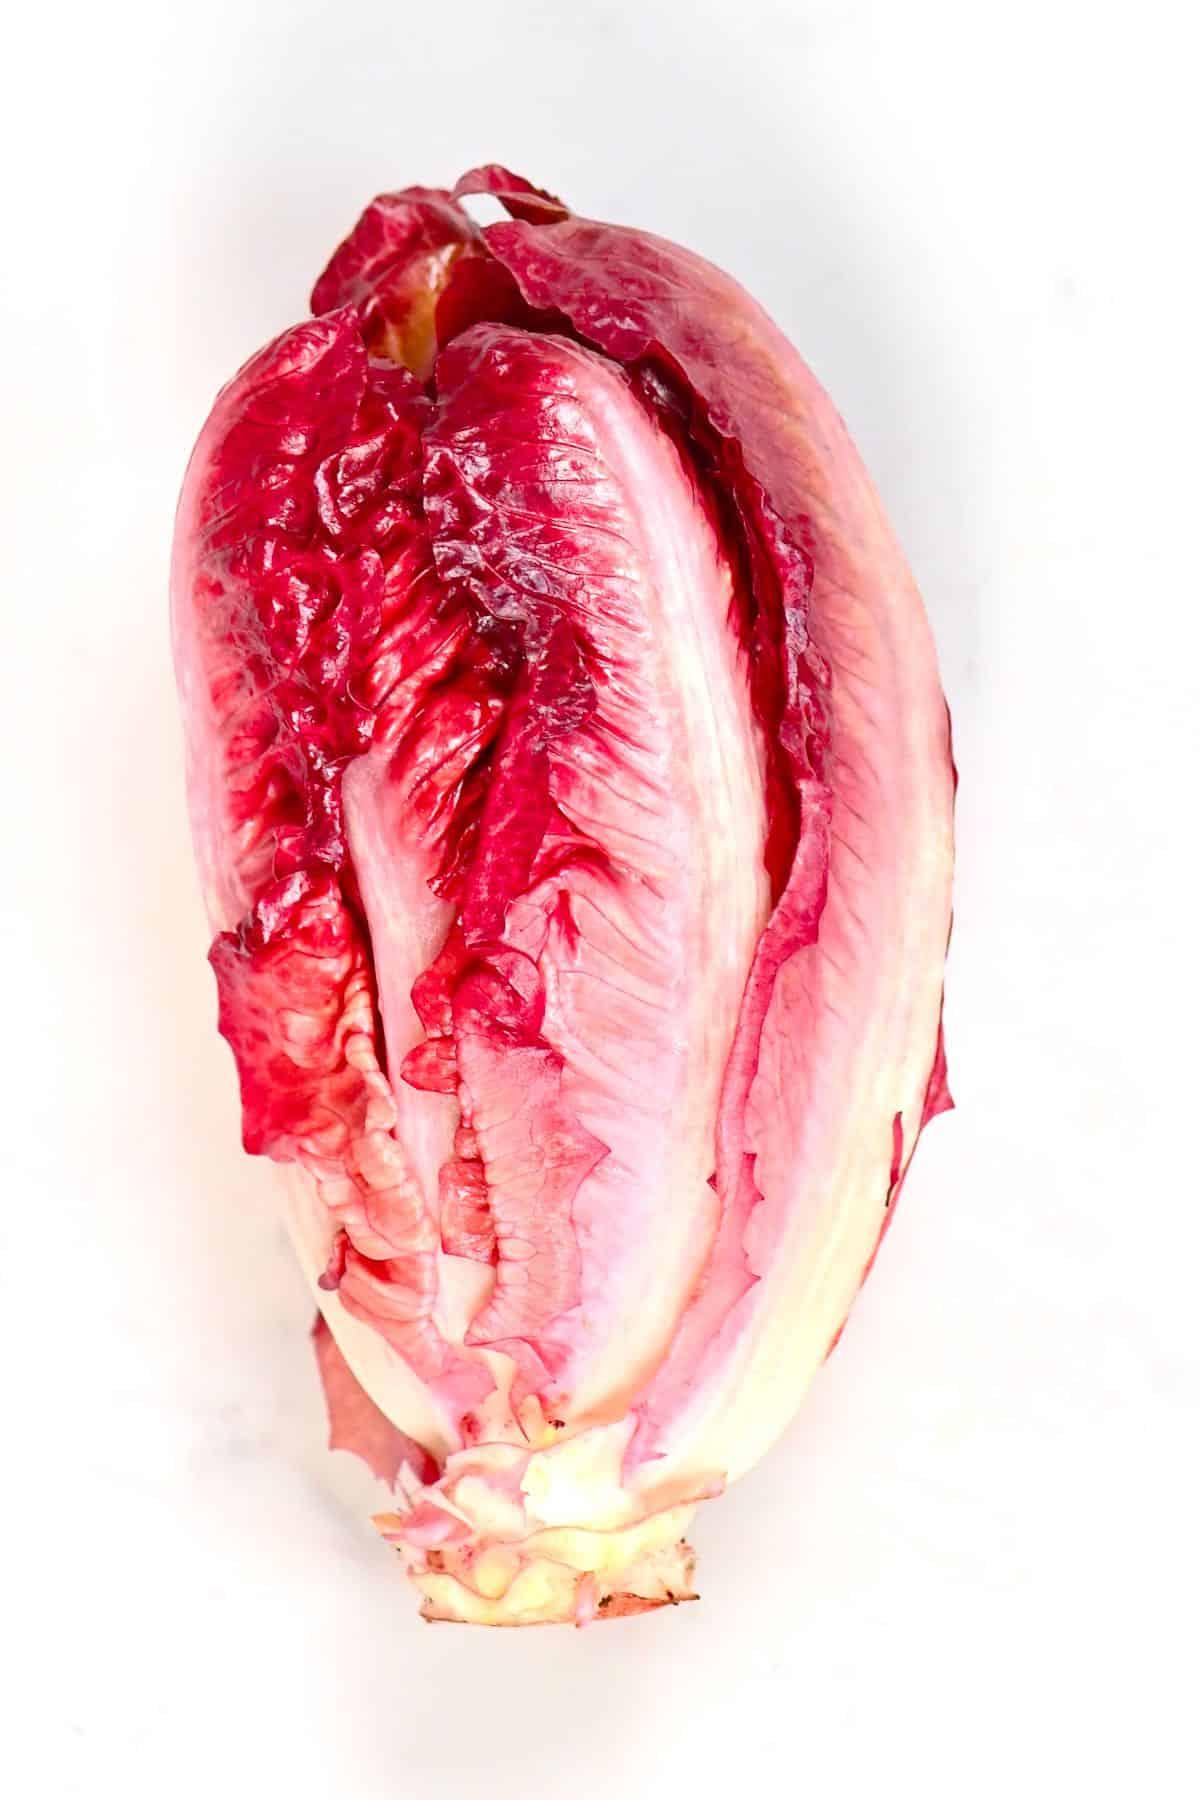 Pink lettuce head